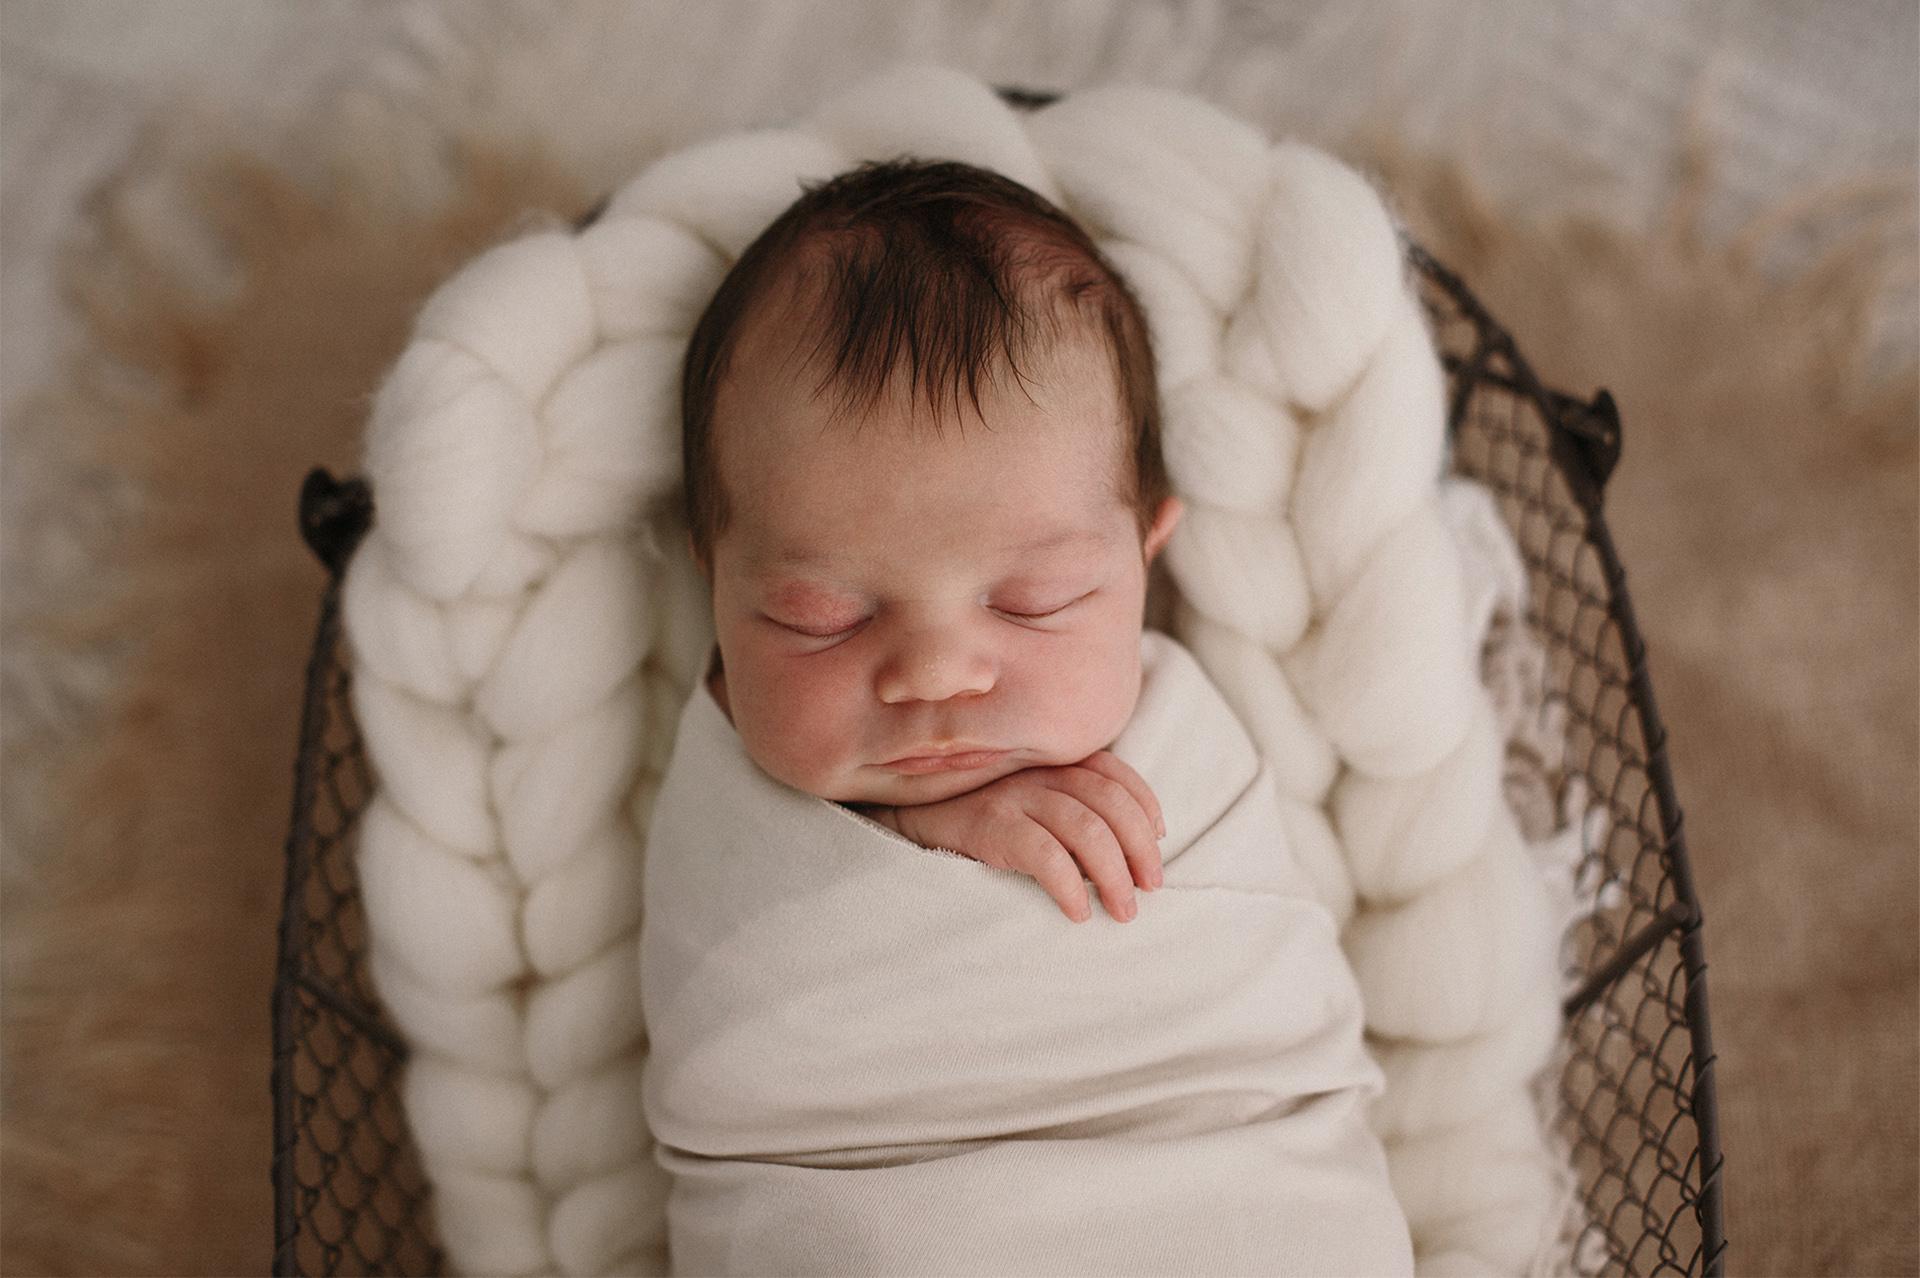 neonato dorme fasciato di bianco